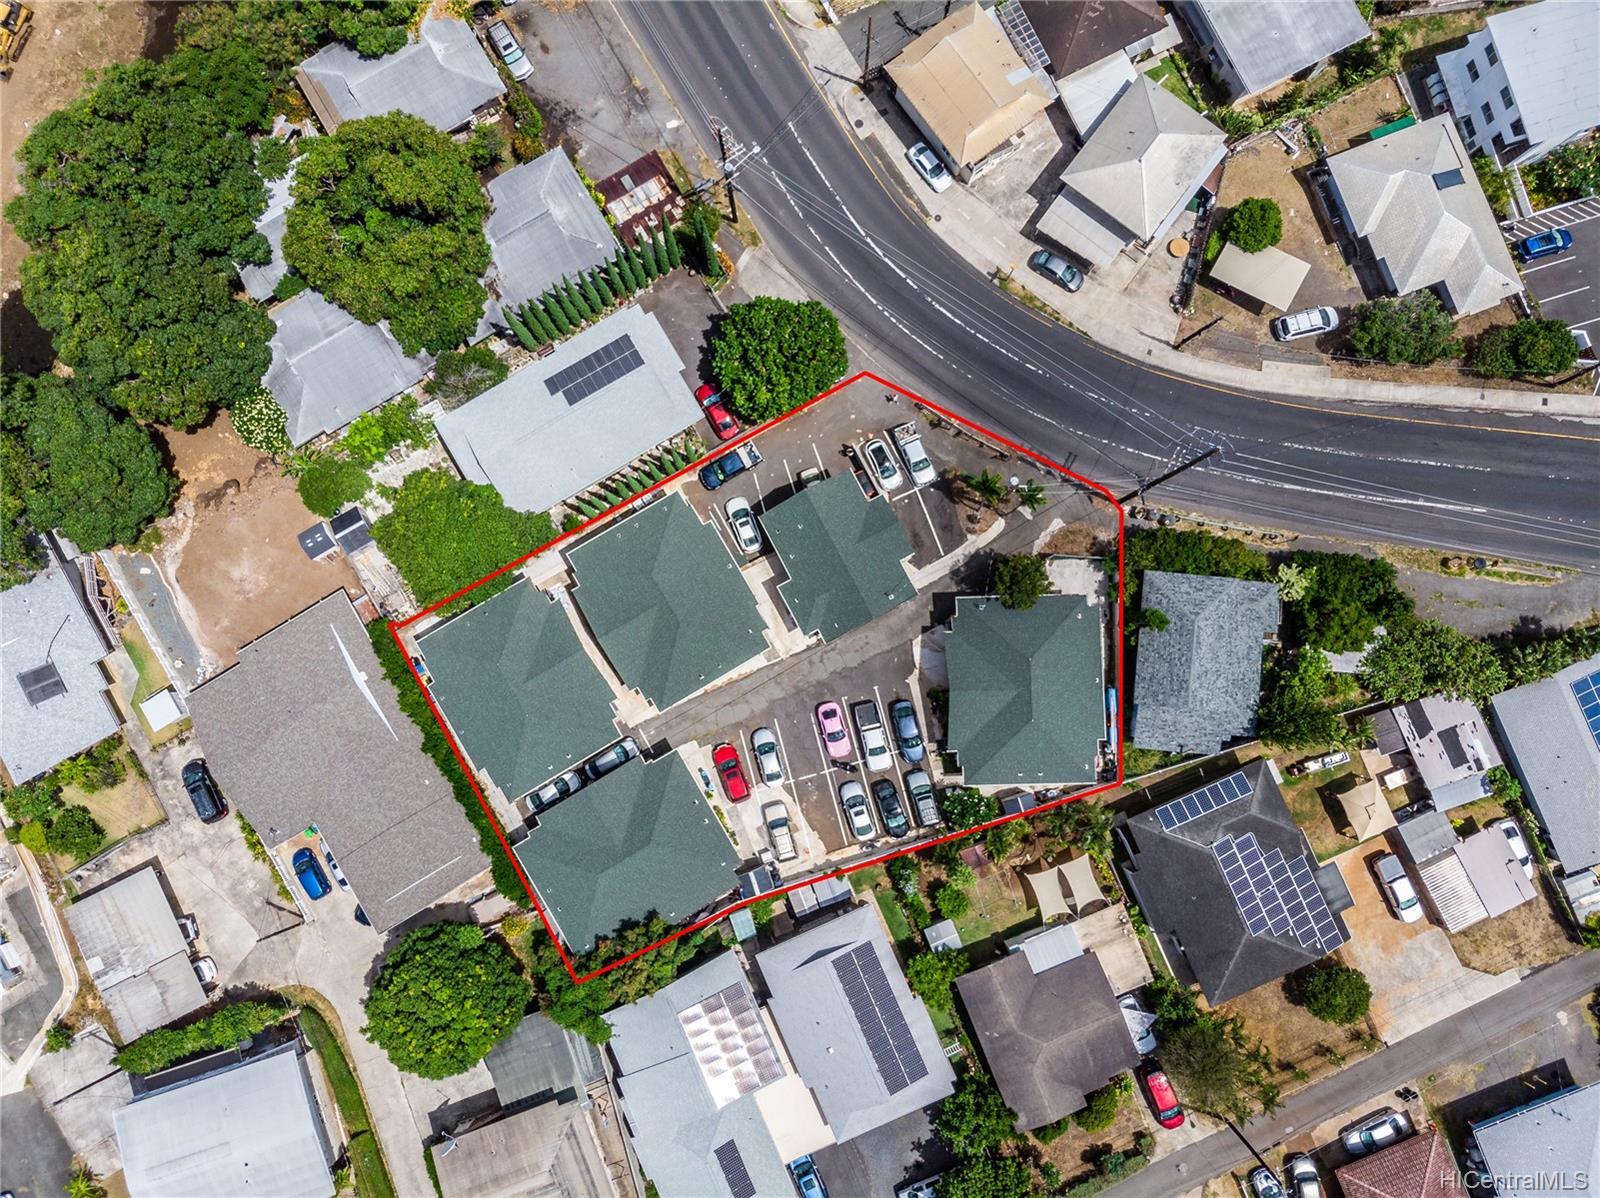 2816 Waialae Ave Honolulu - Multi-family - photo 1 of 21